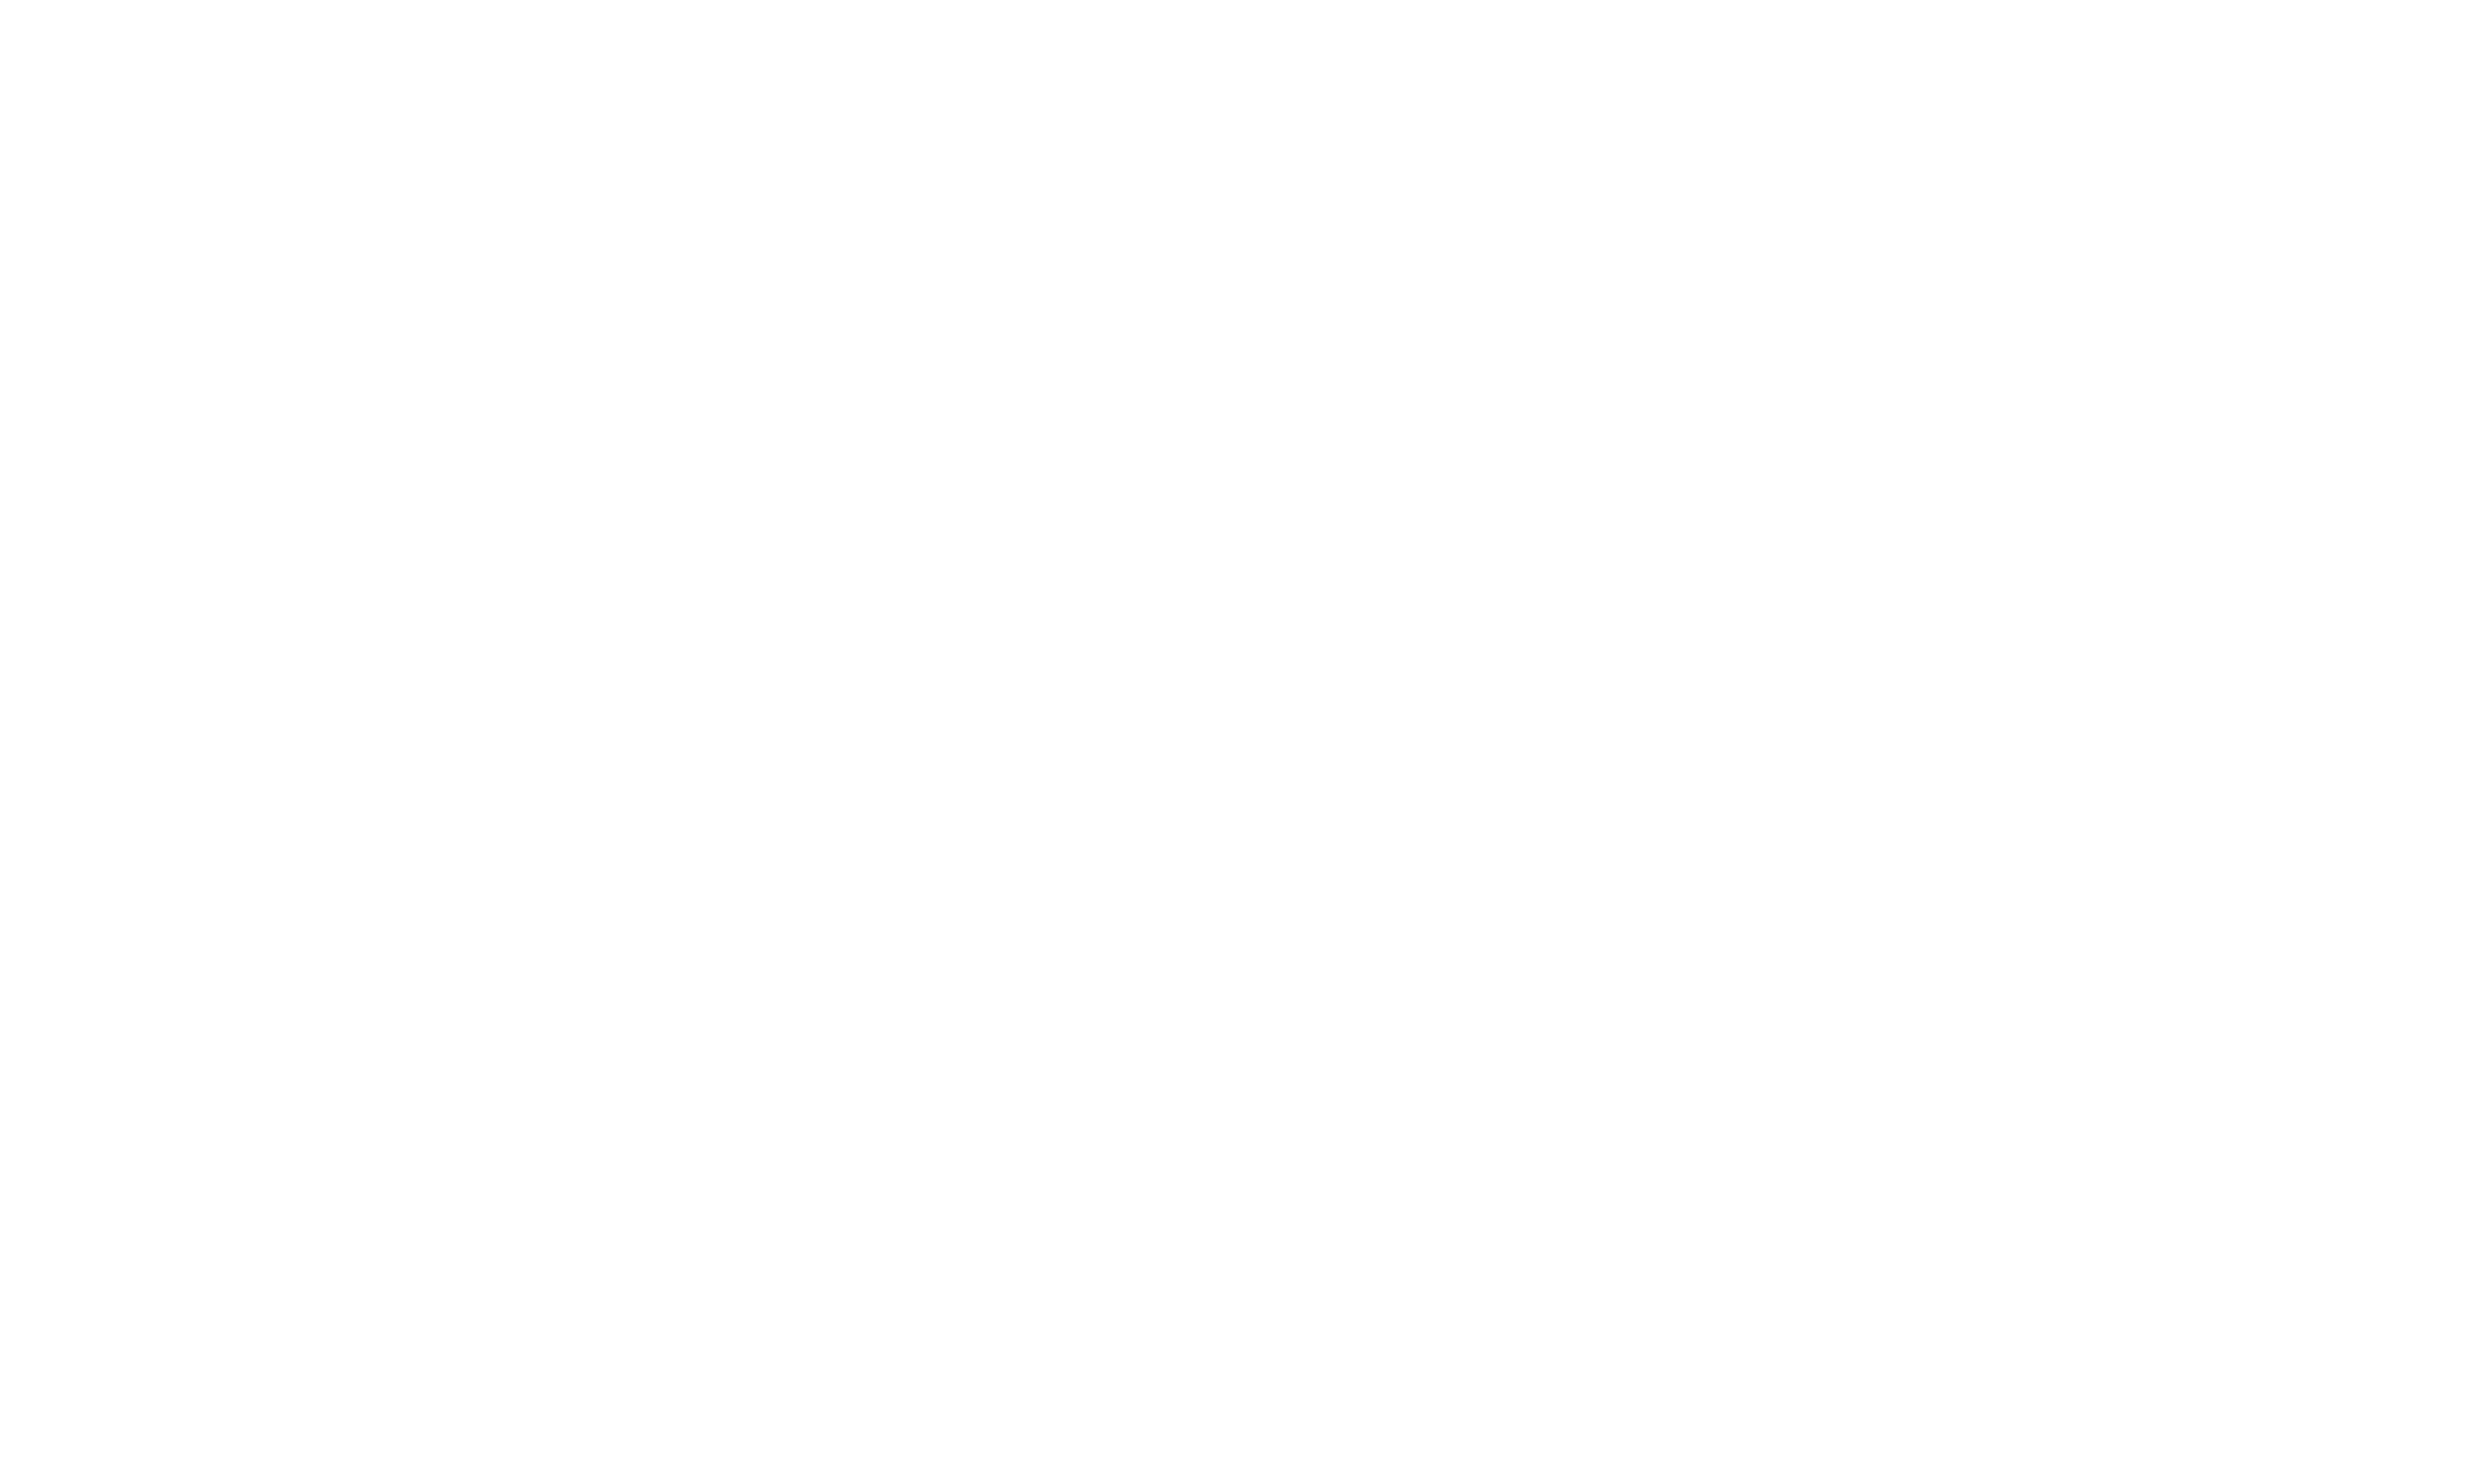 TouringRouteIcons-White-04